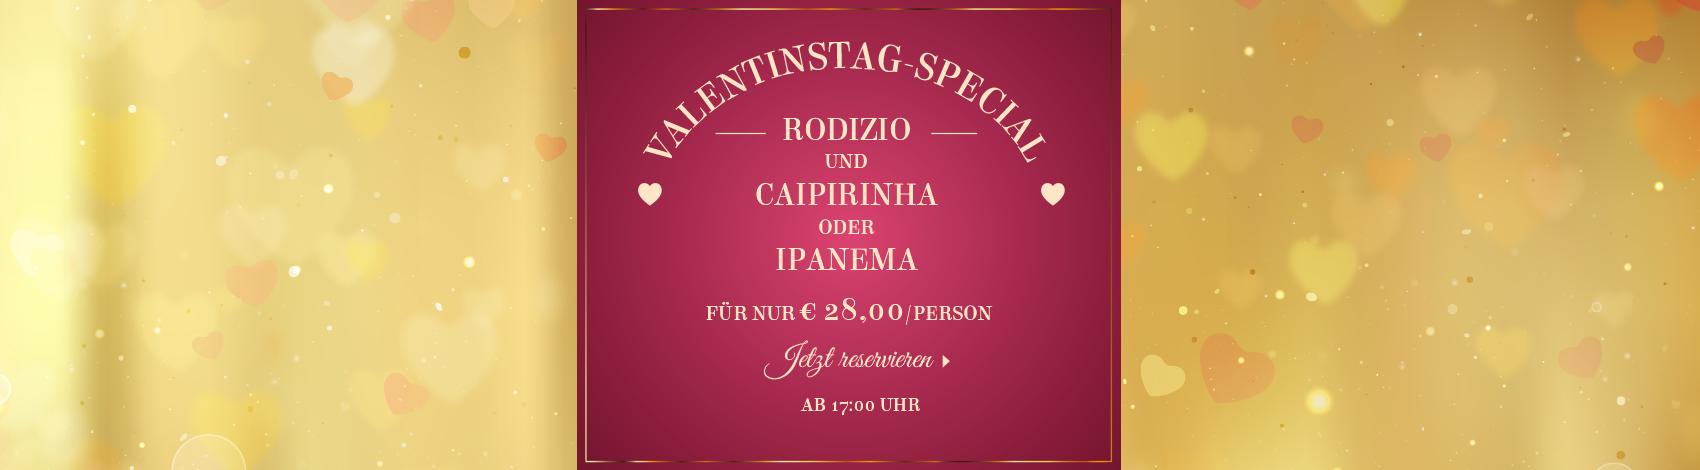 slide_valentinstag_bg